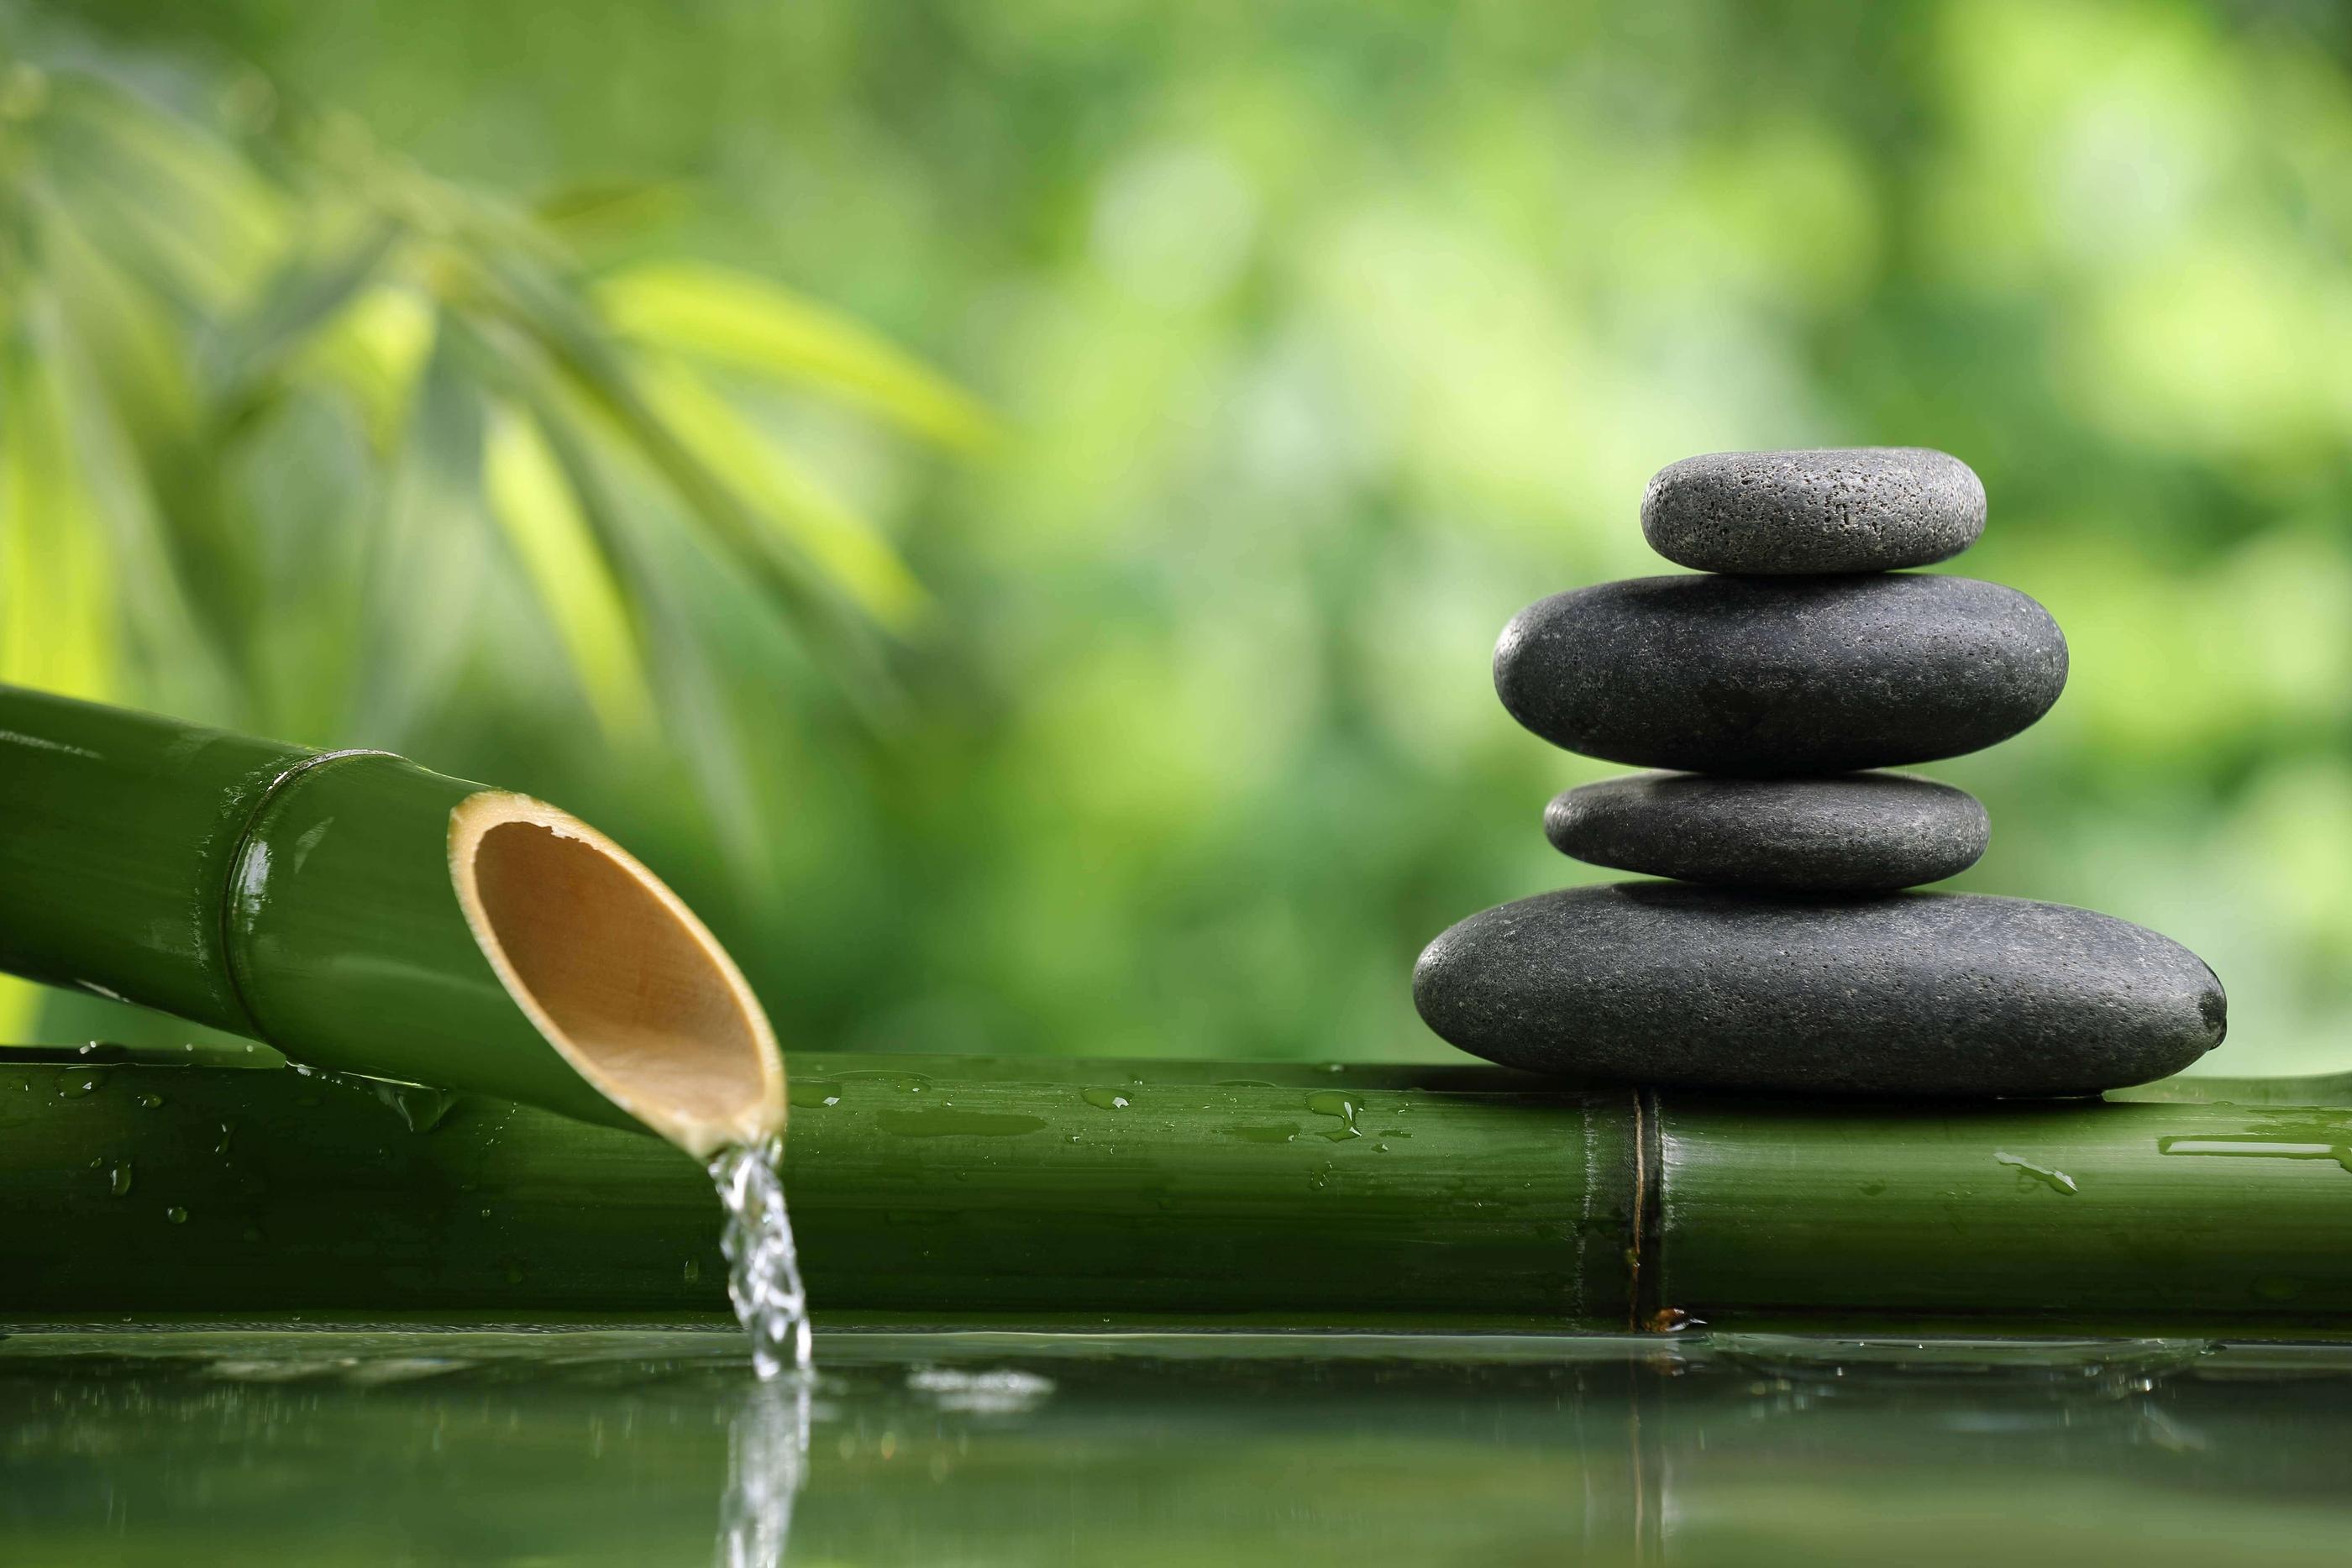 Zen bamboo roches